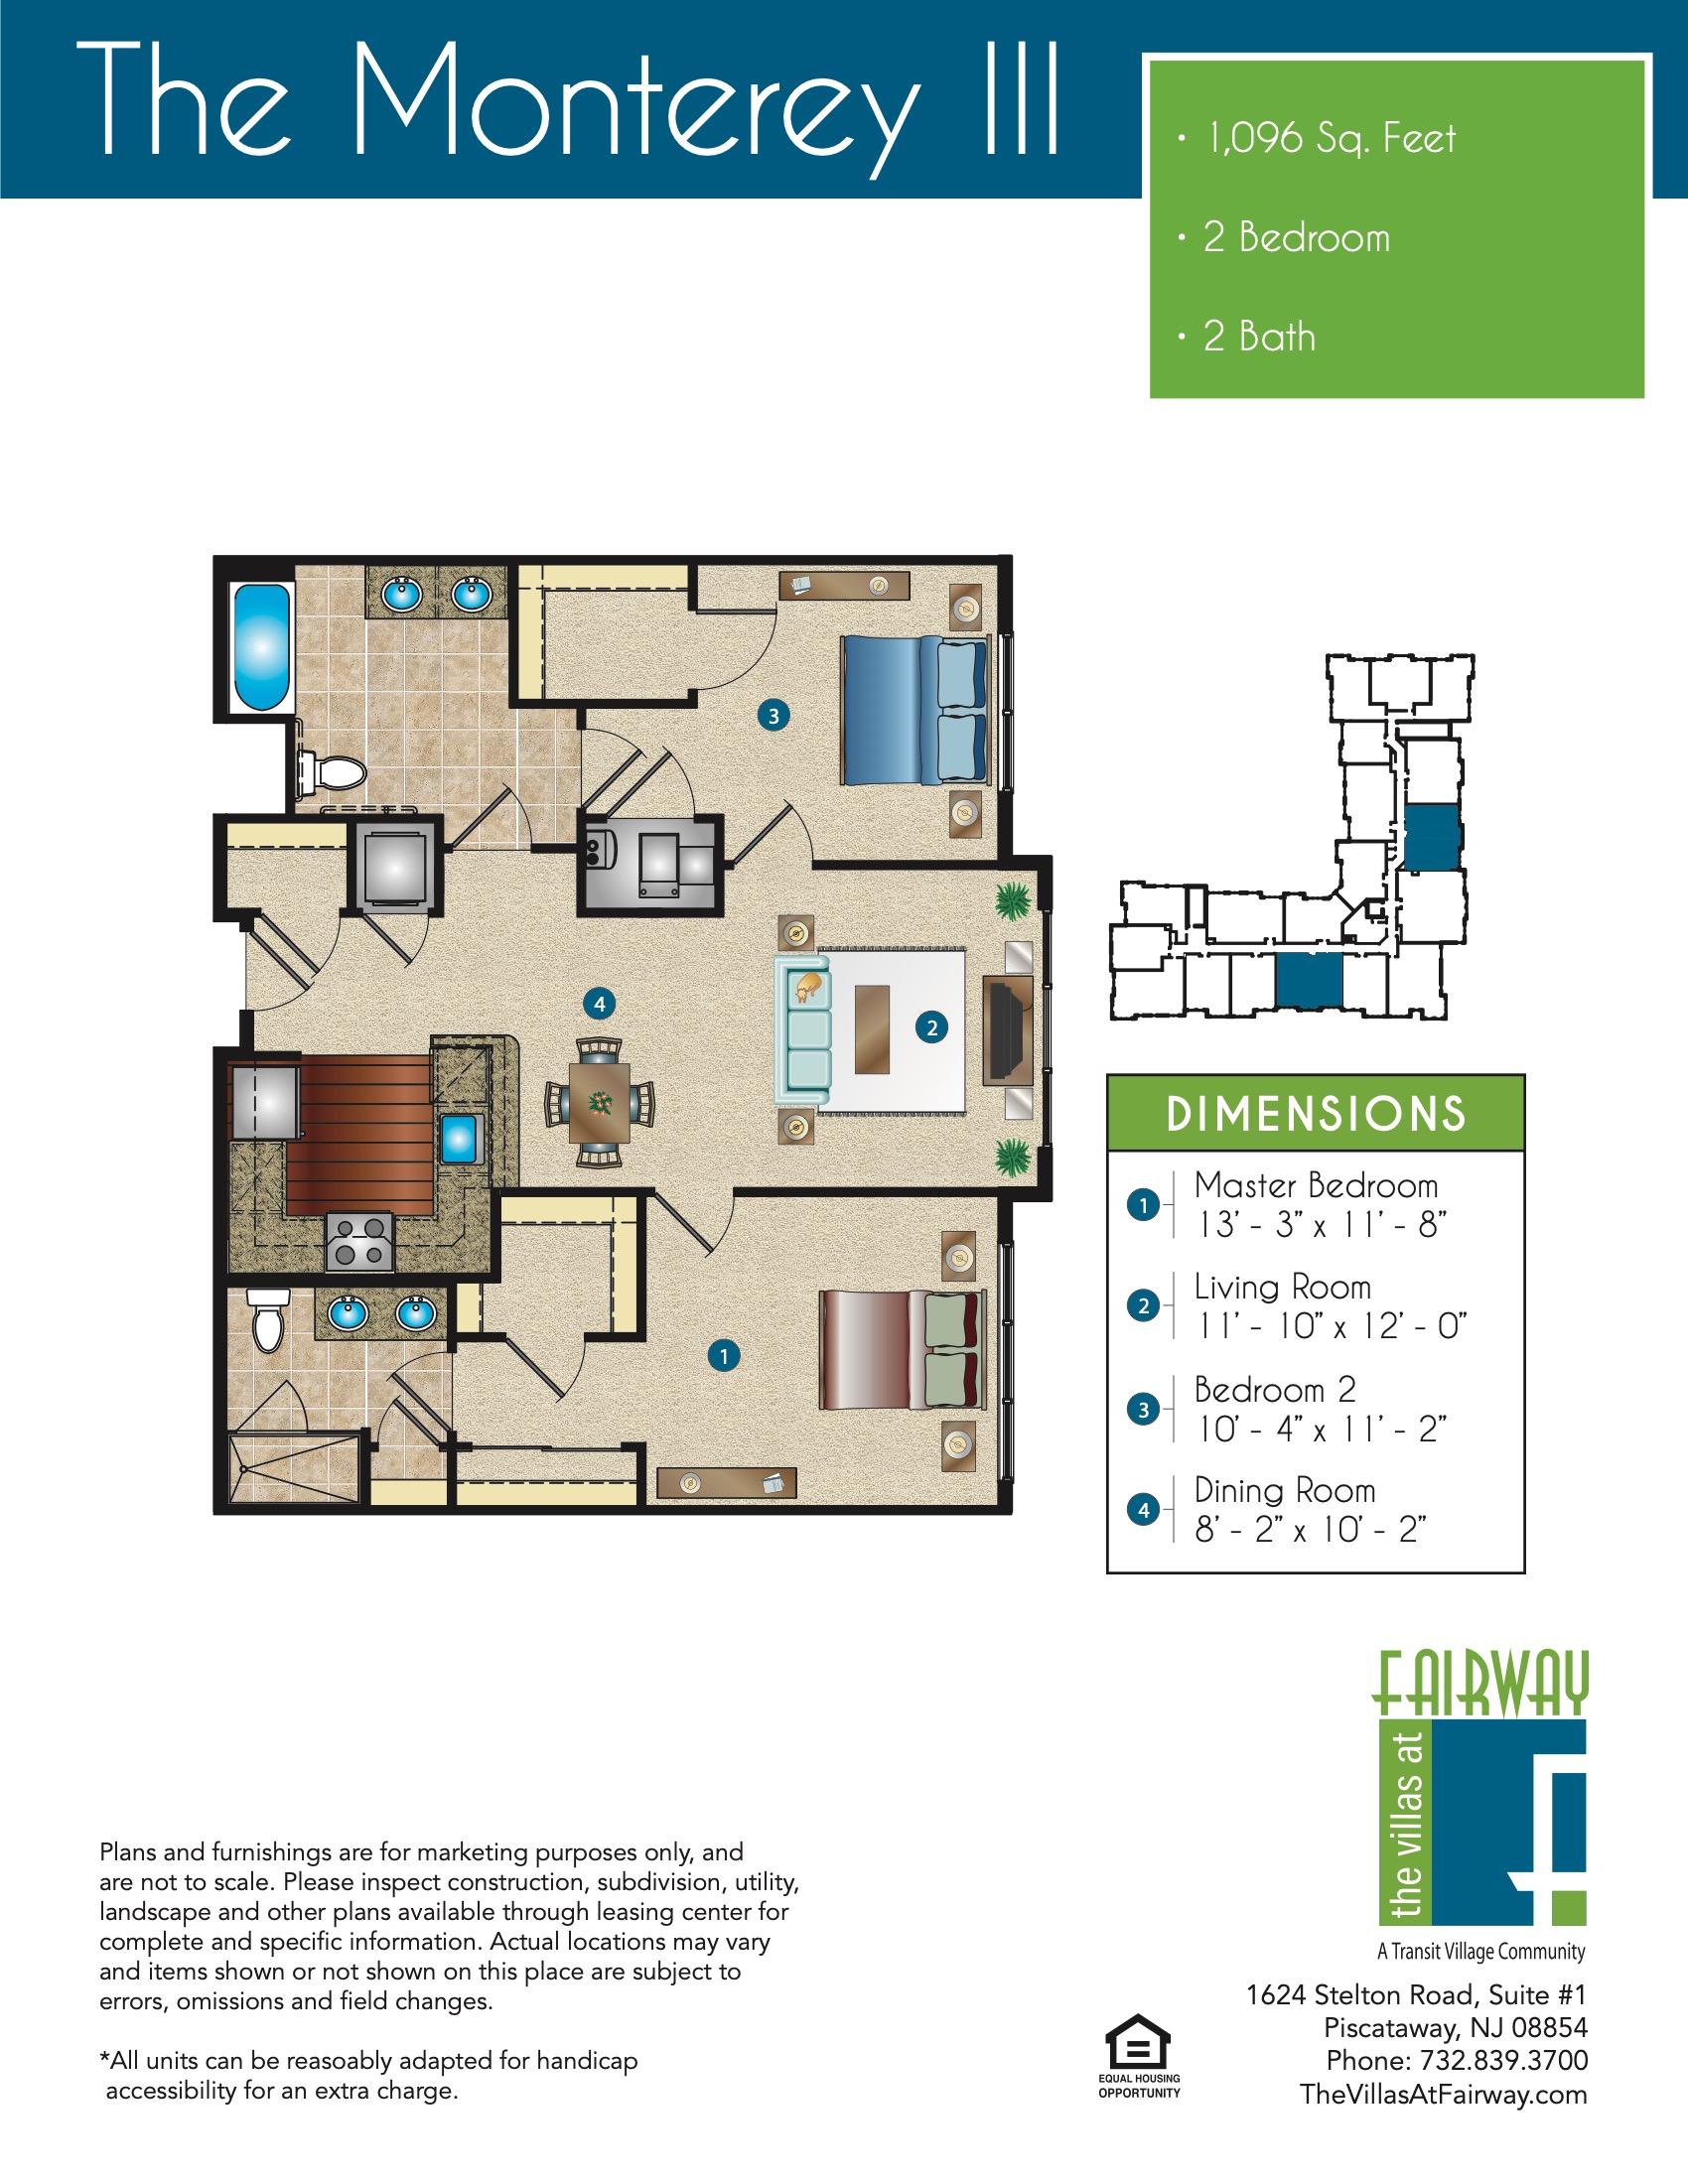 The Monterey III Floor Plan